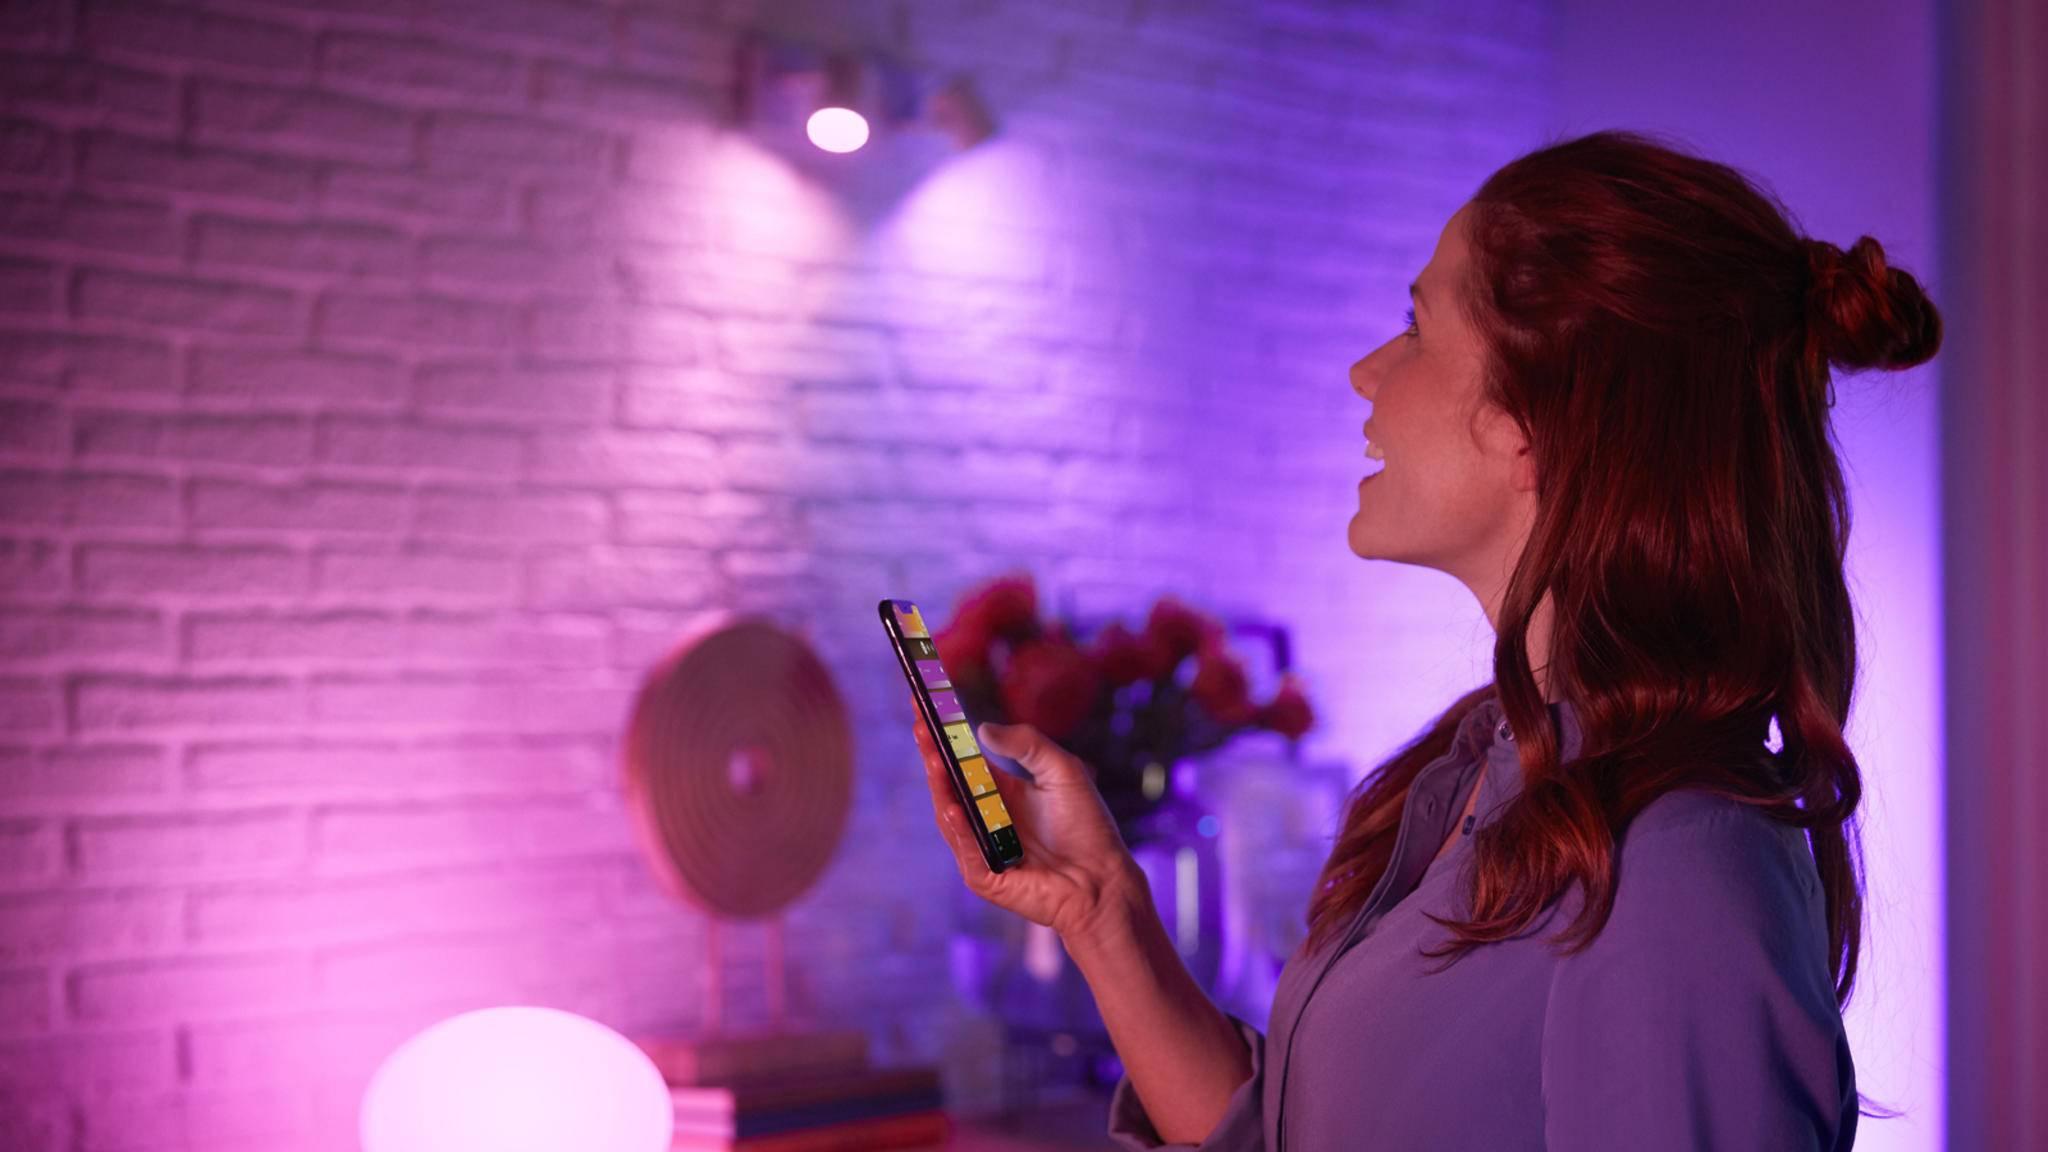 Philips-Hue-Lampen per Bluetooth steuern? Das ist jetzt möglich!